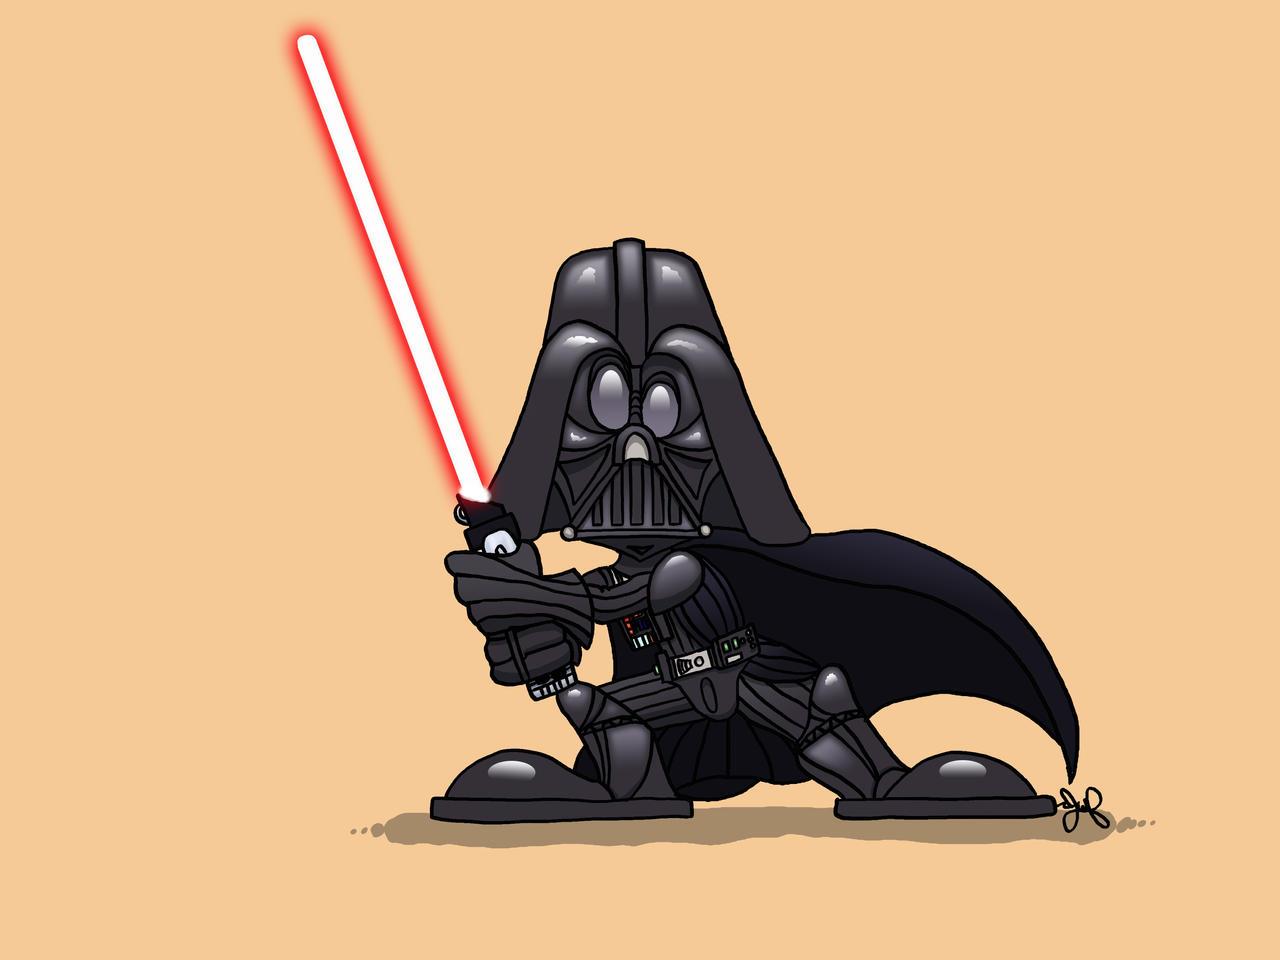 Darth Vader NooOOOoos by JoshuaFitzpatrick